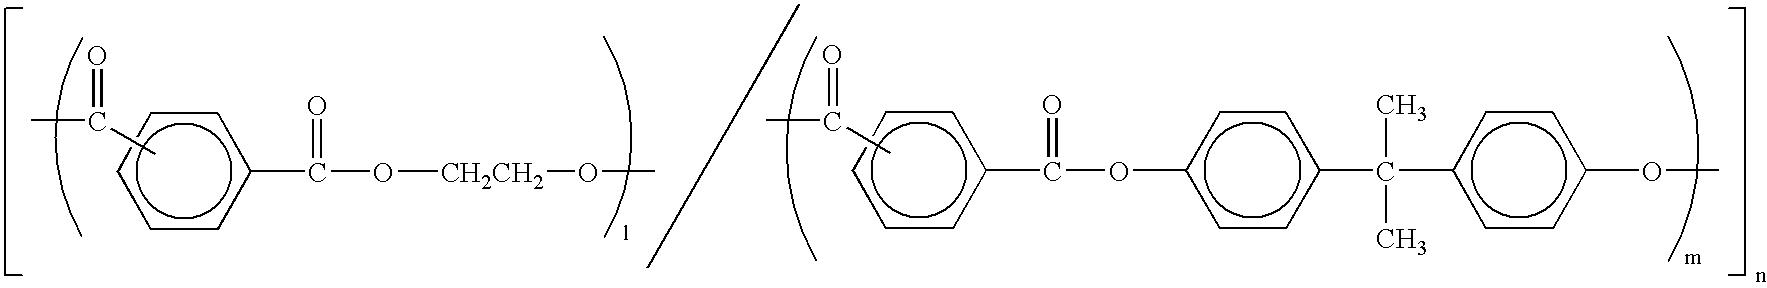 Figure US06936388-20050830-C00012